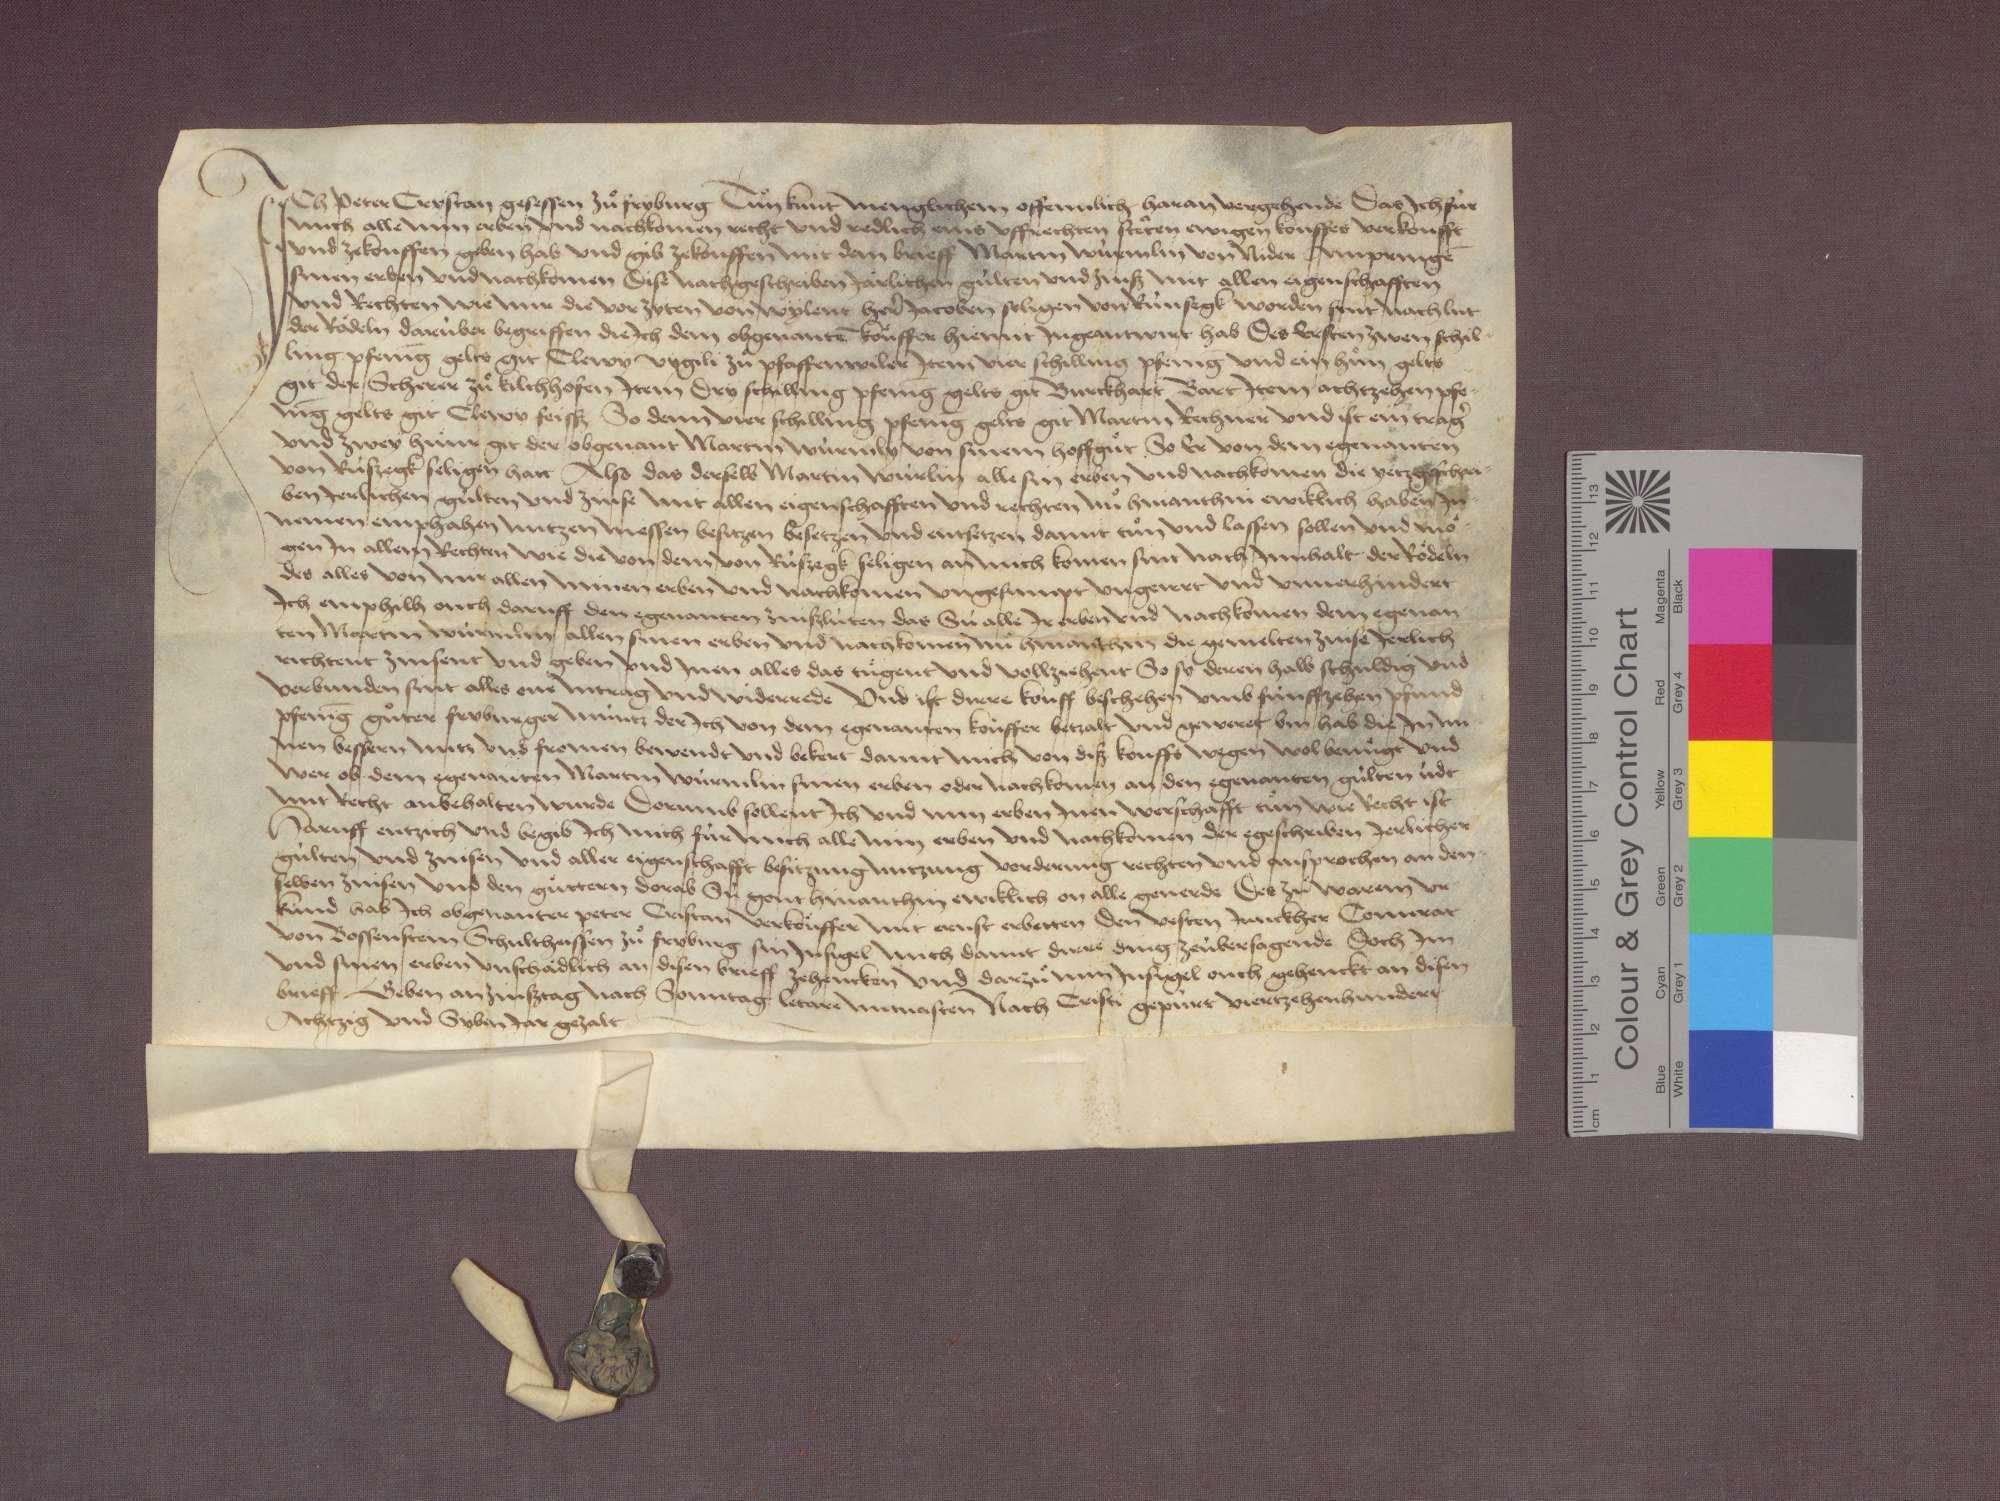 Peter Crystan zu Freiburg verkauft an Martin Würmlin zu Niederambringen Gülten zu Pfaffenweiler und Kirchhofen., Bild 1